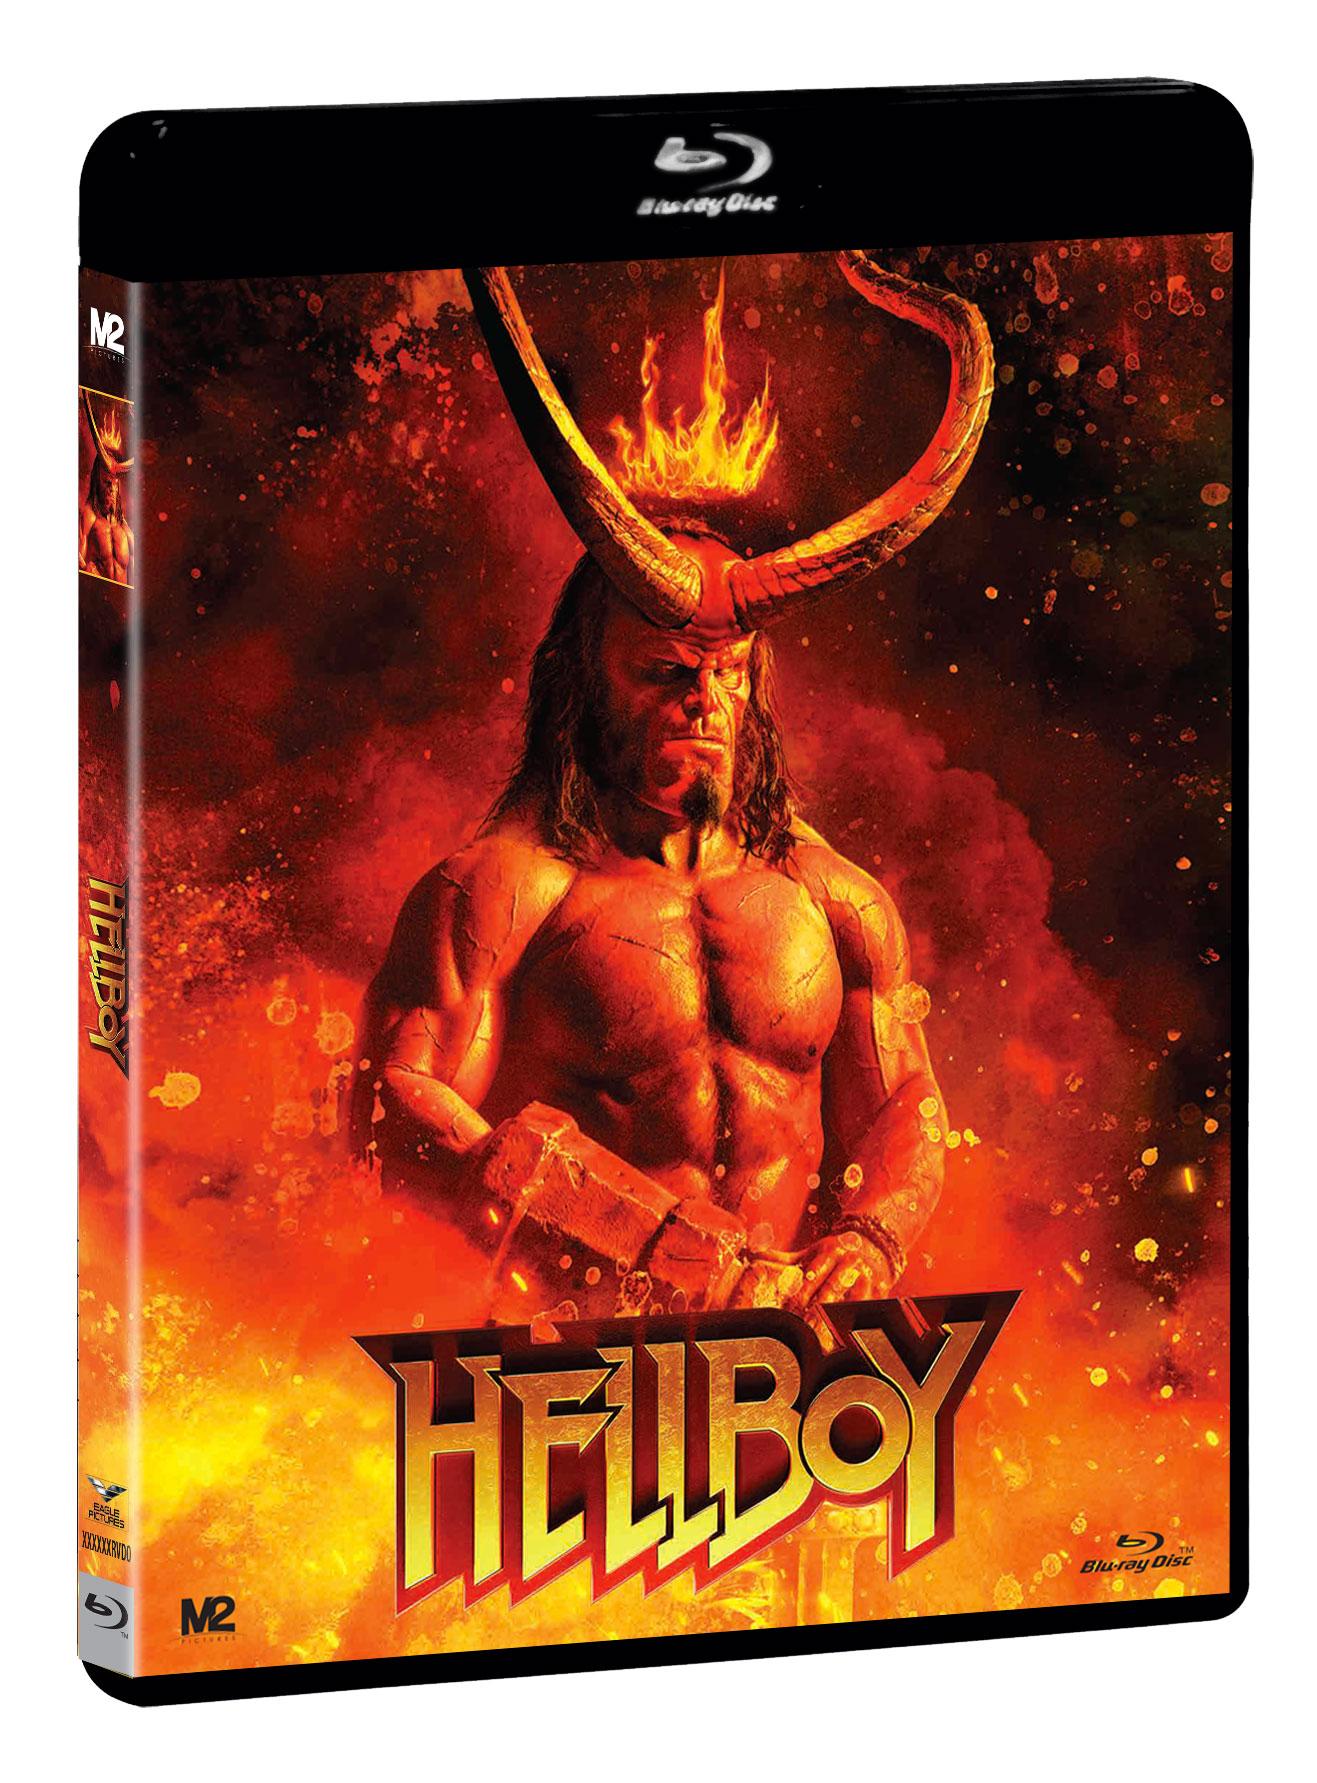 HELLBOY (BLU-RAY+DVD+CARD DA COLLEZIONE)